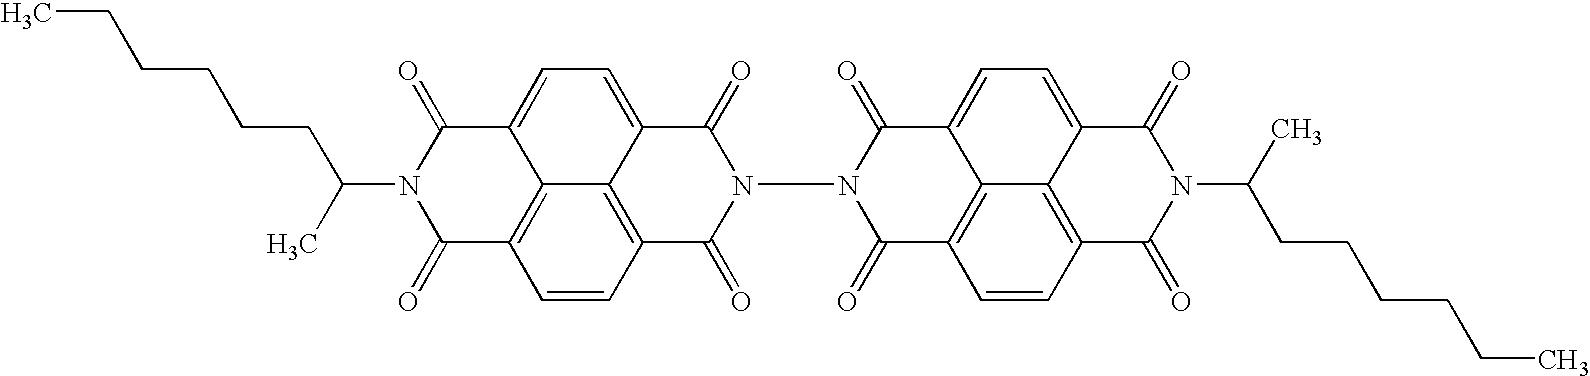 Figure US20070248901A1-20071025-C00023